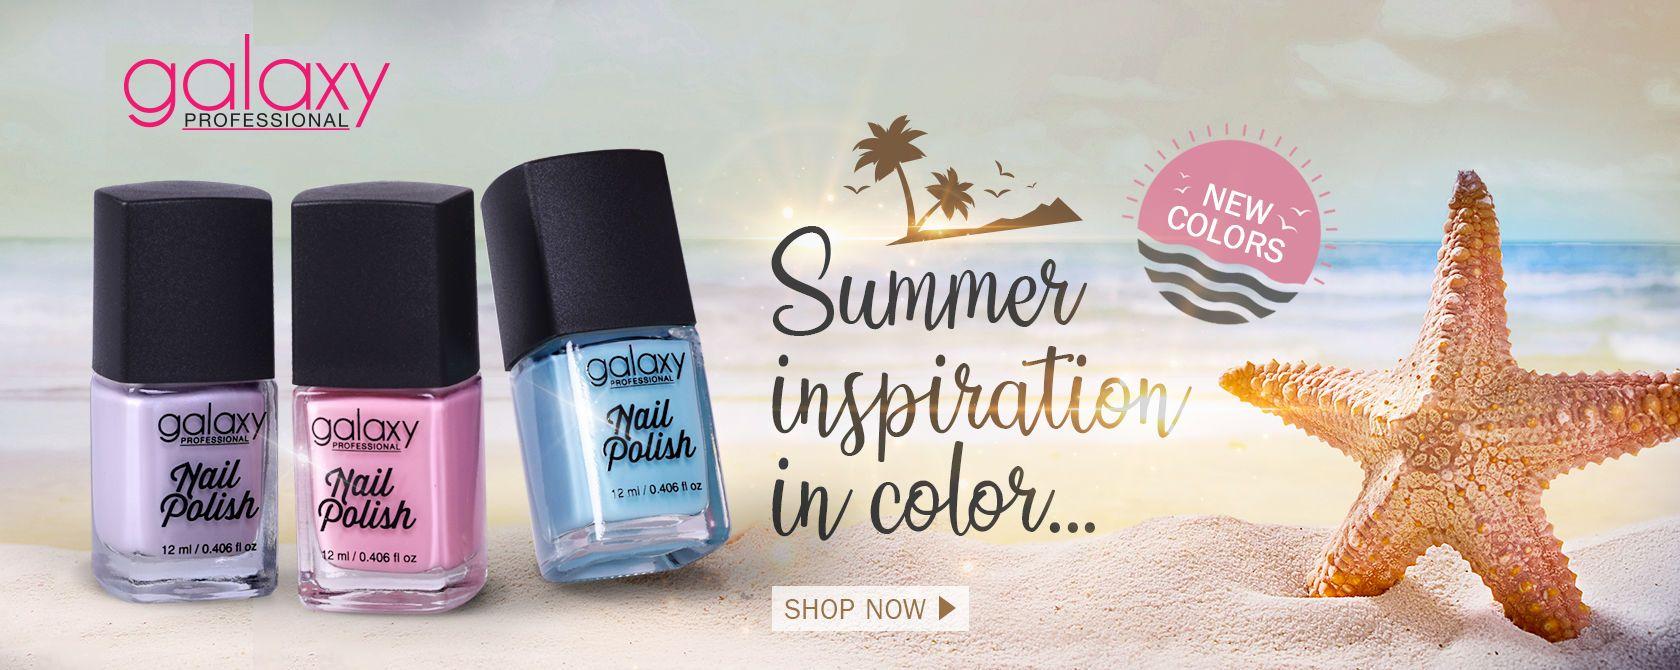 x Galaxy nail polish new color